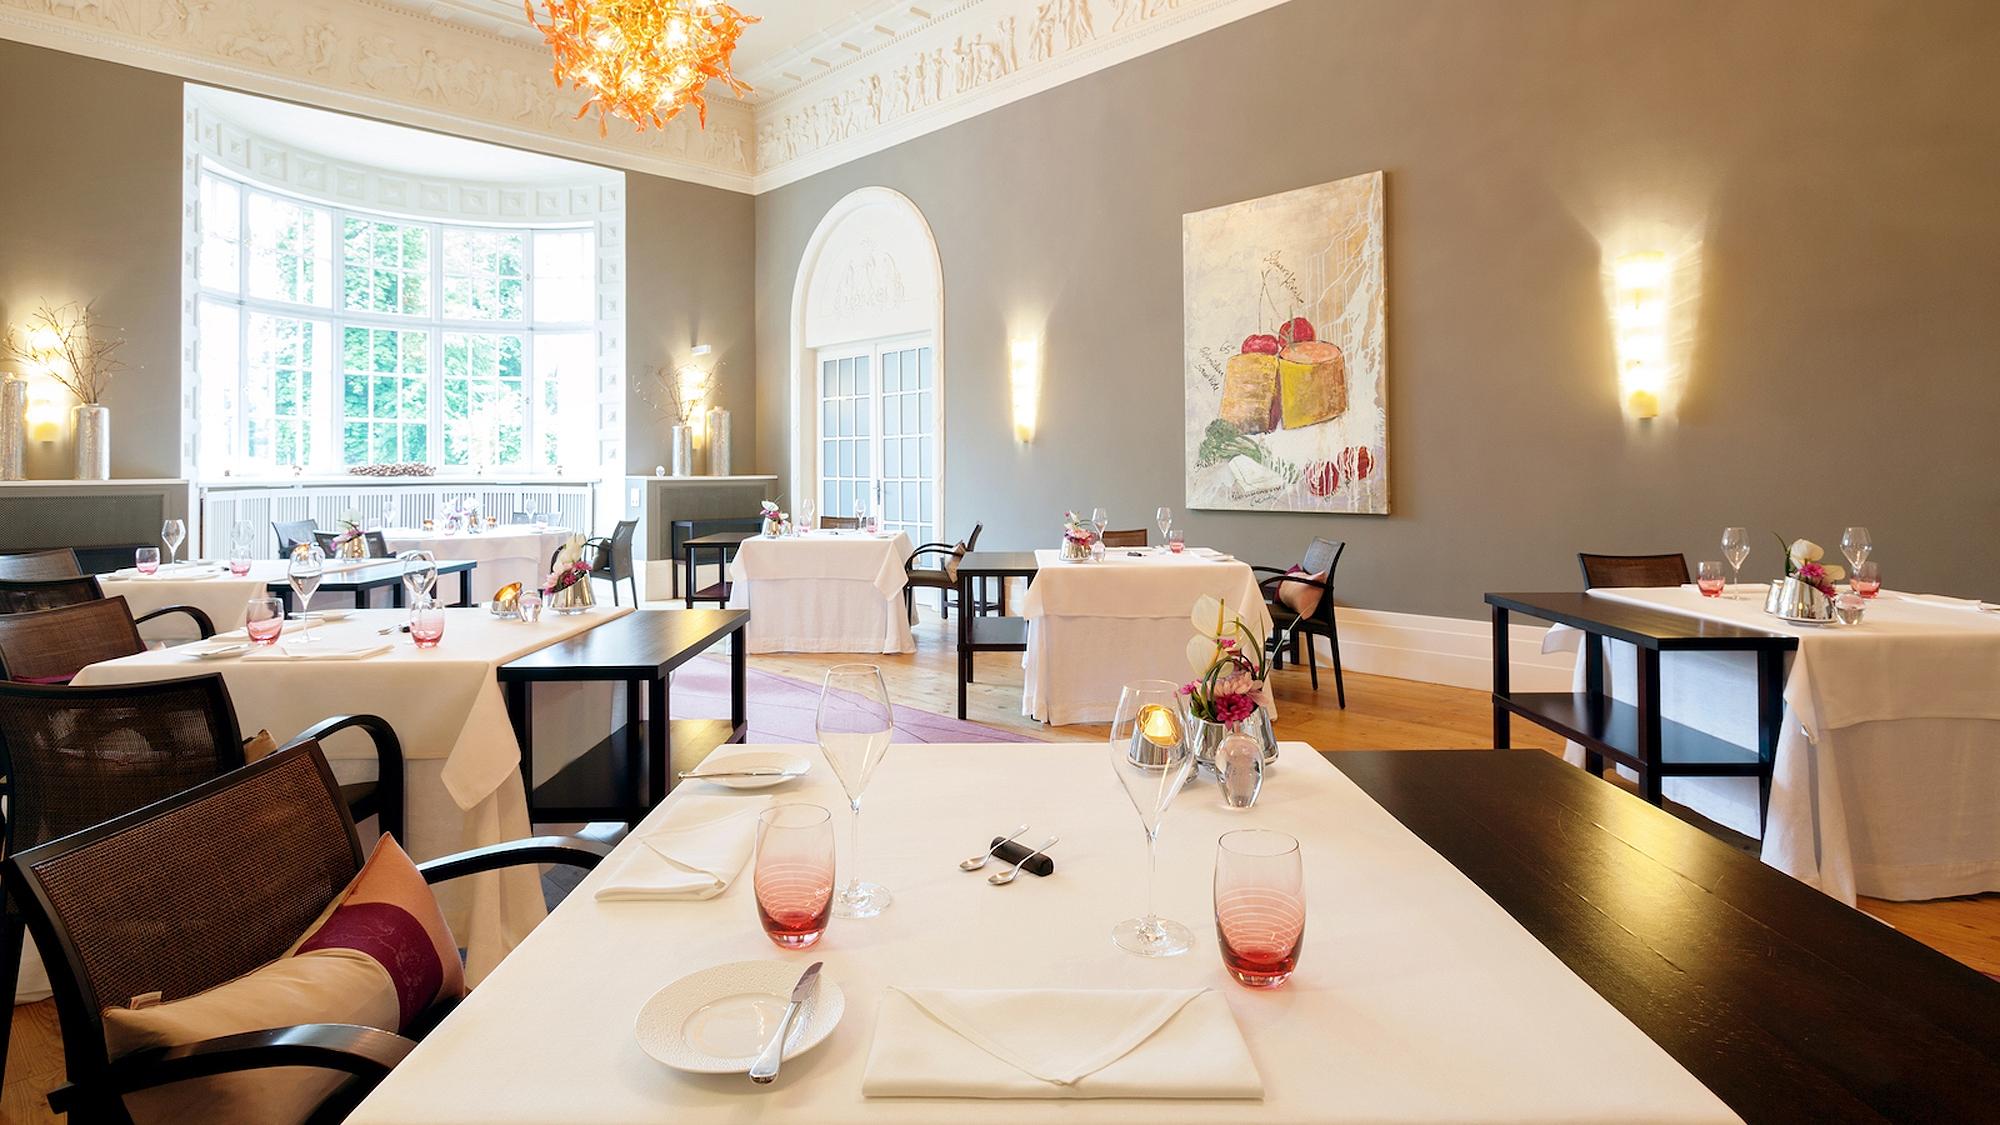 Buddenbrooks Restaurant ©Henrike Schunck